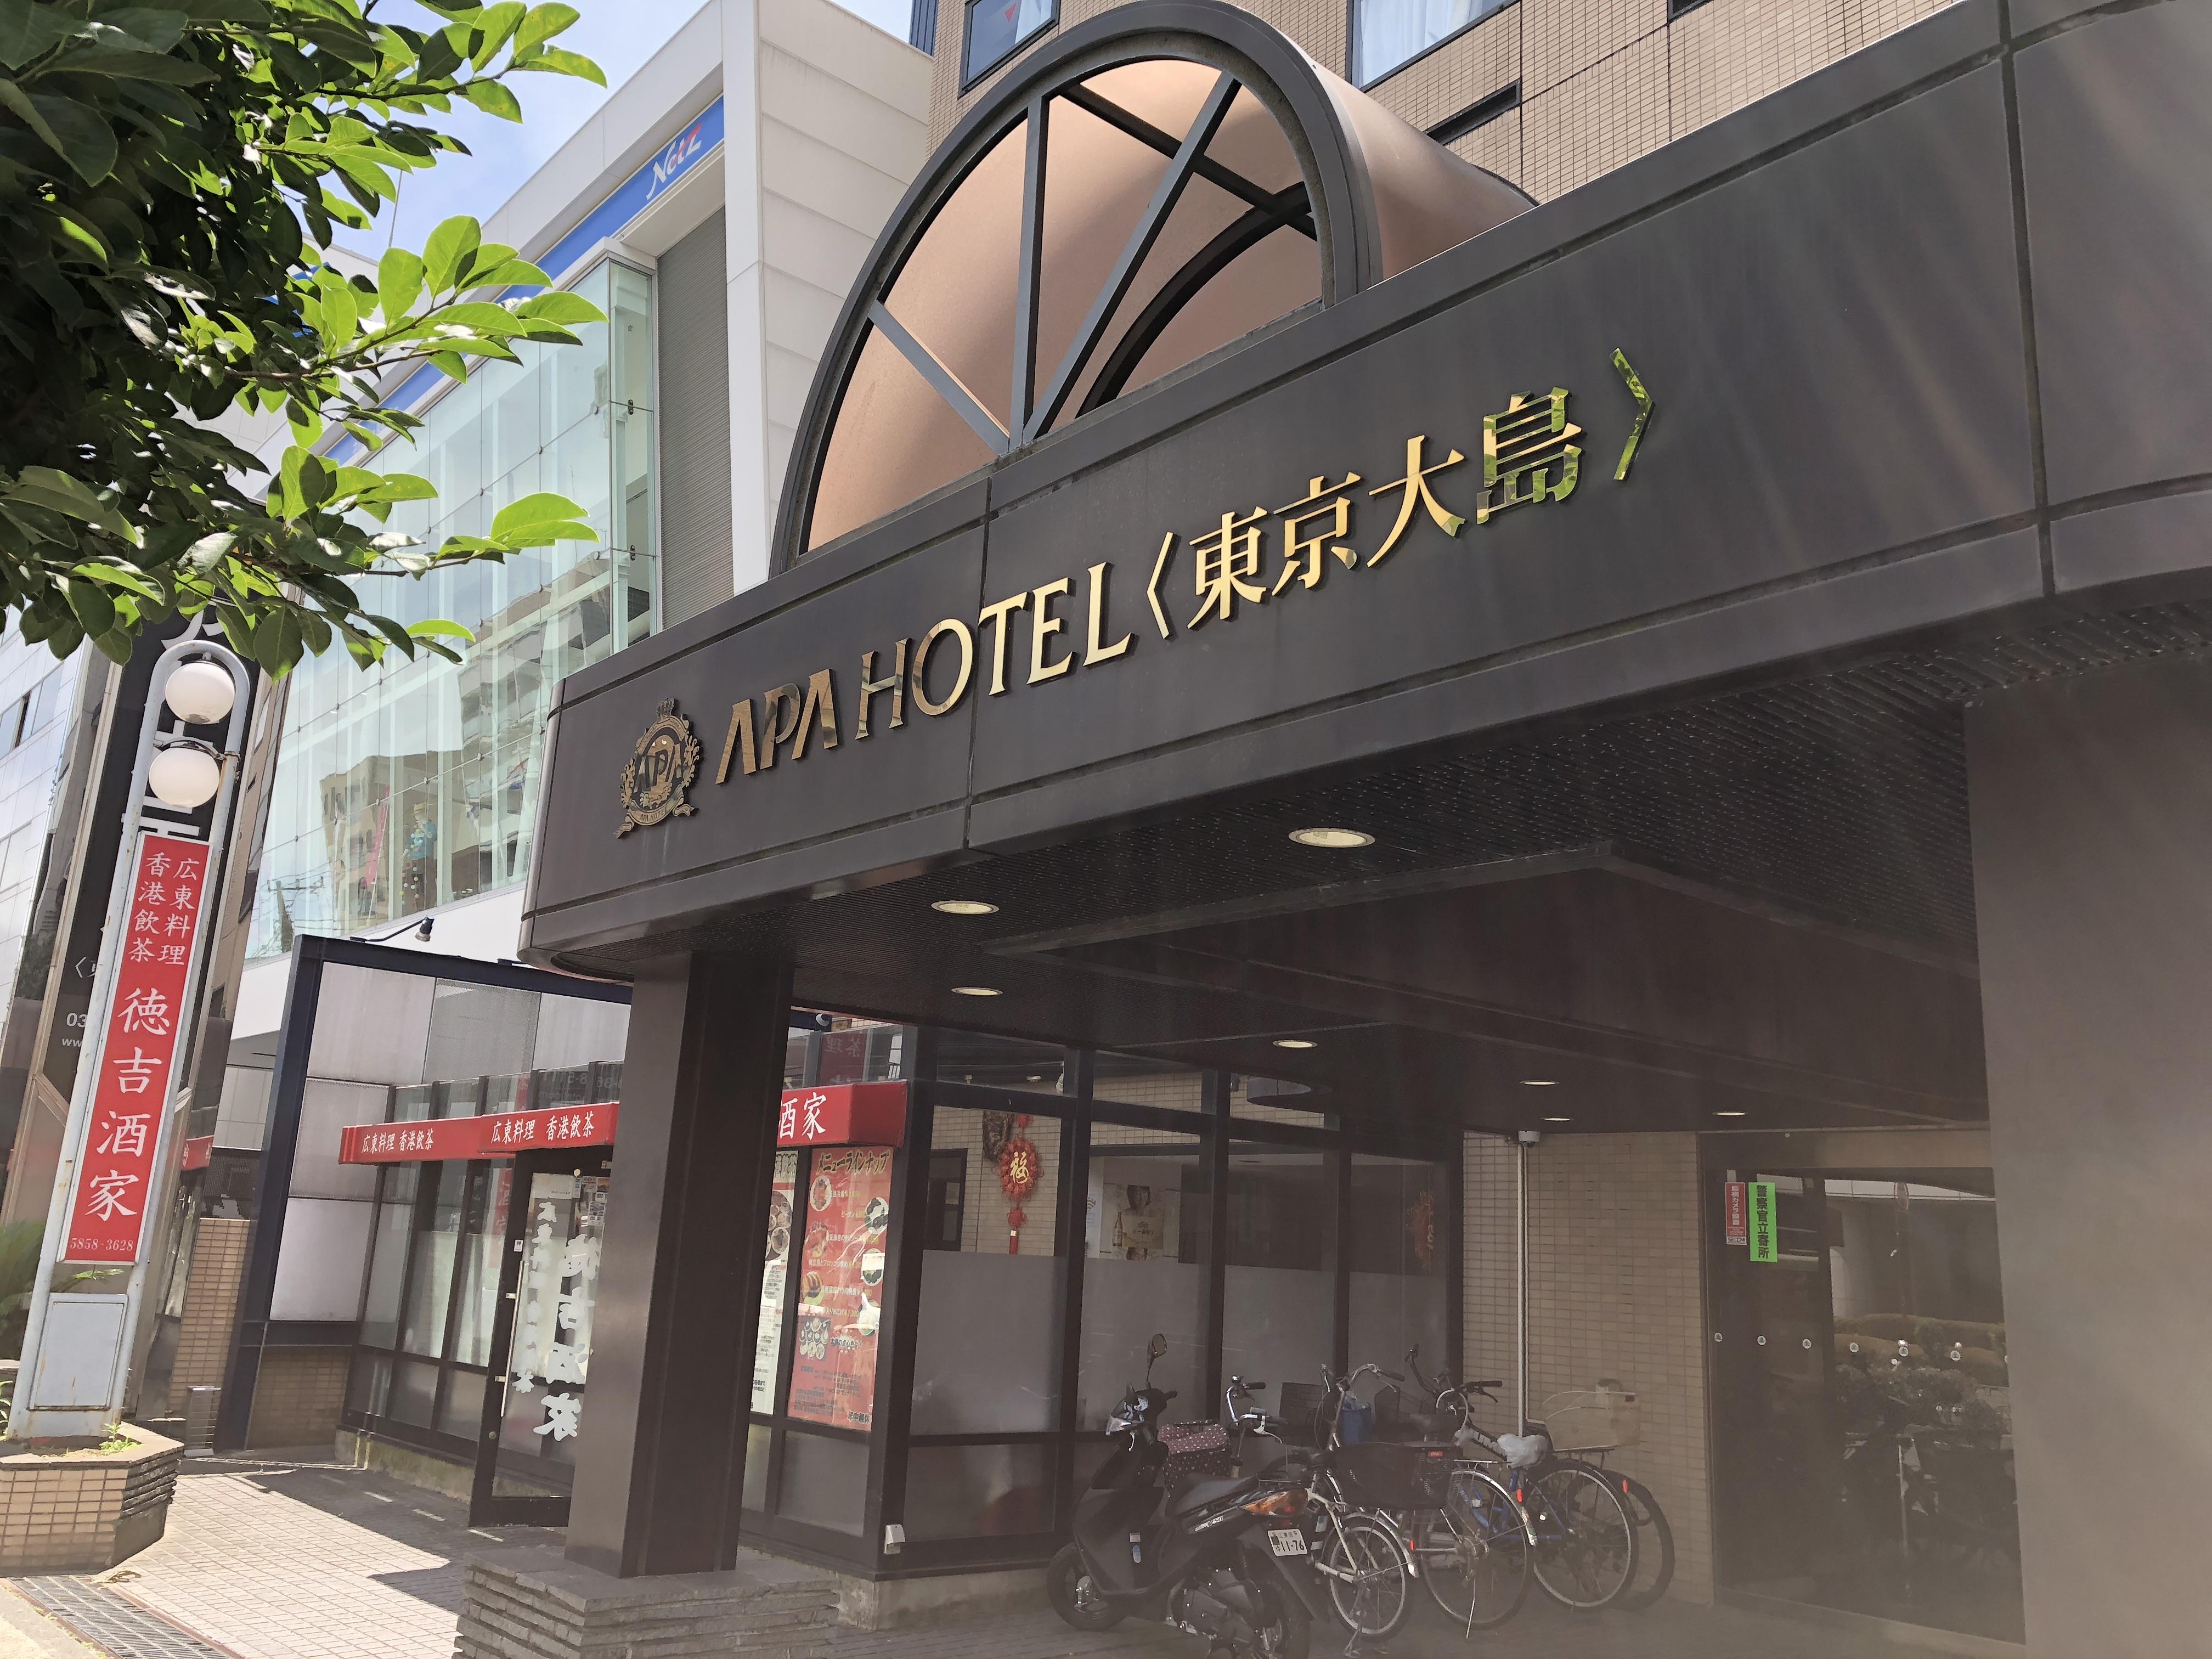 アパホテル東京大島に泊まってみた感想!朝食レビューについても!